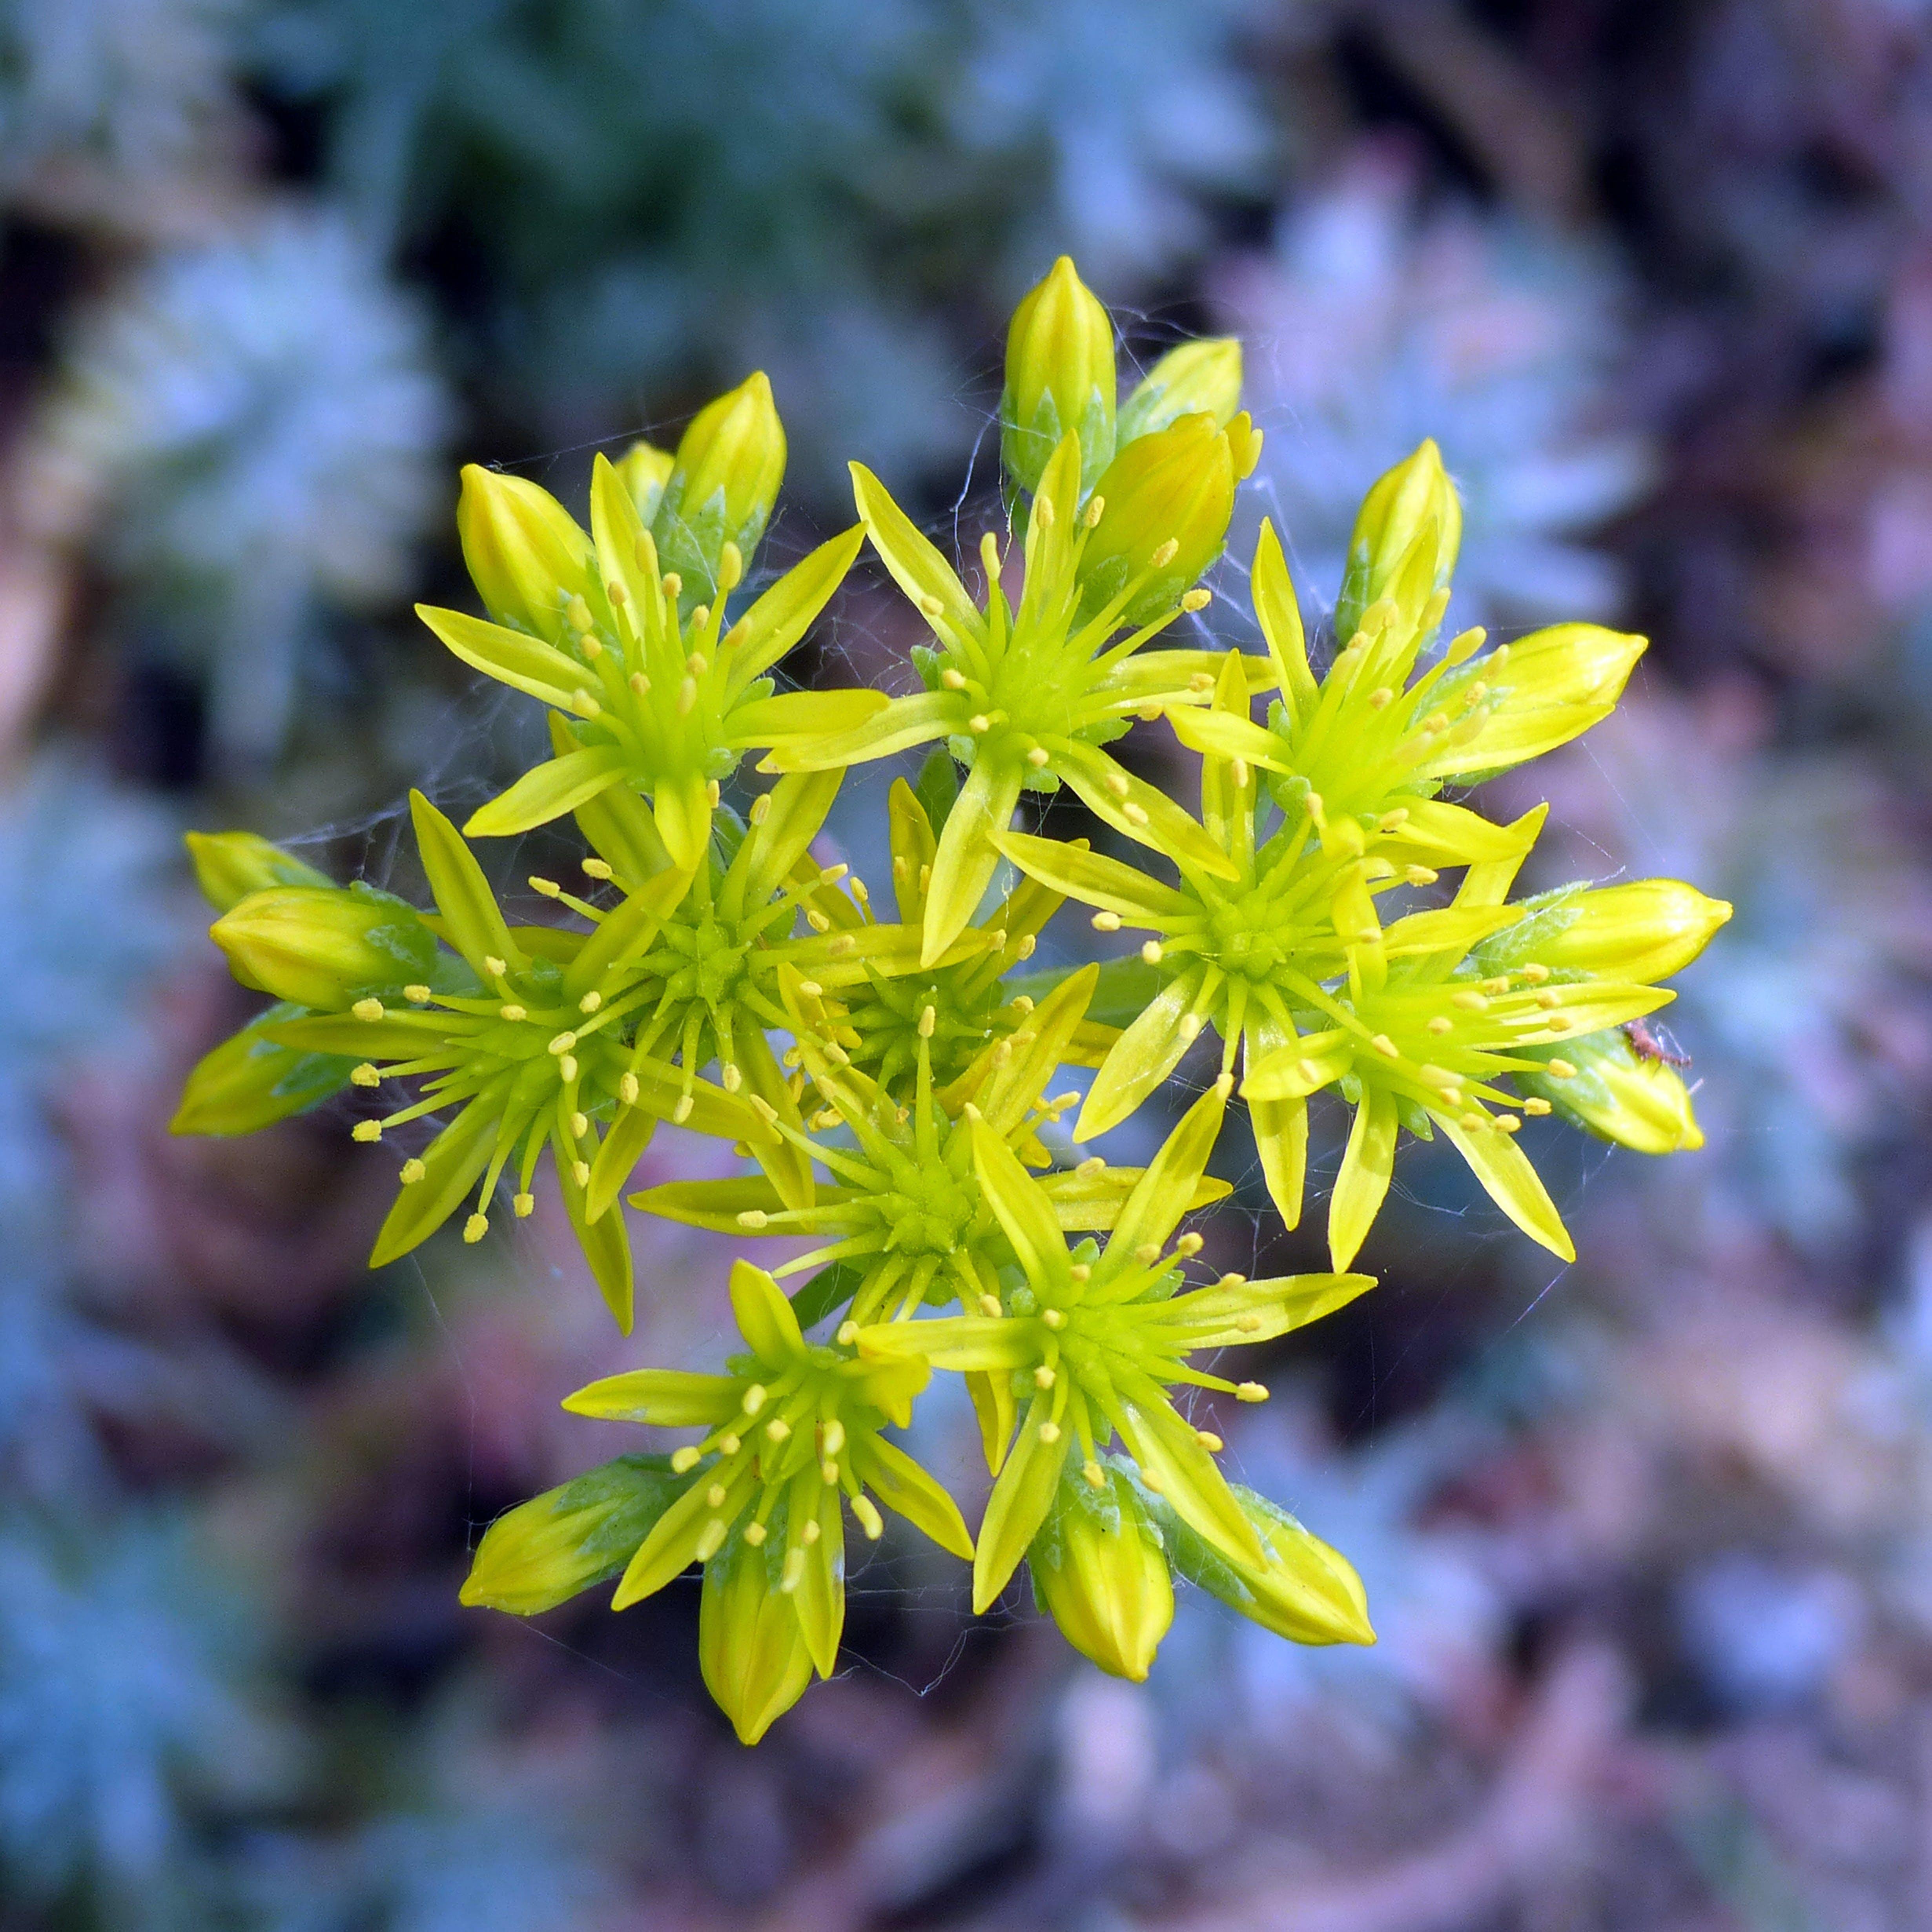 Tilt Shift Lens Photography of Green Flower